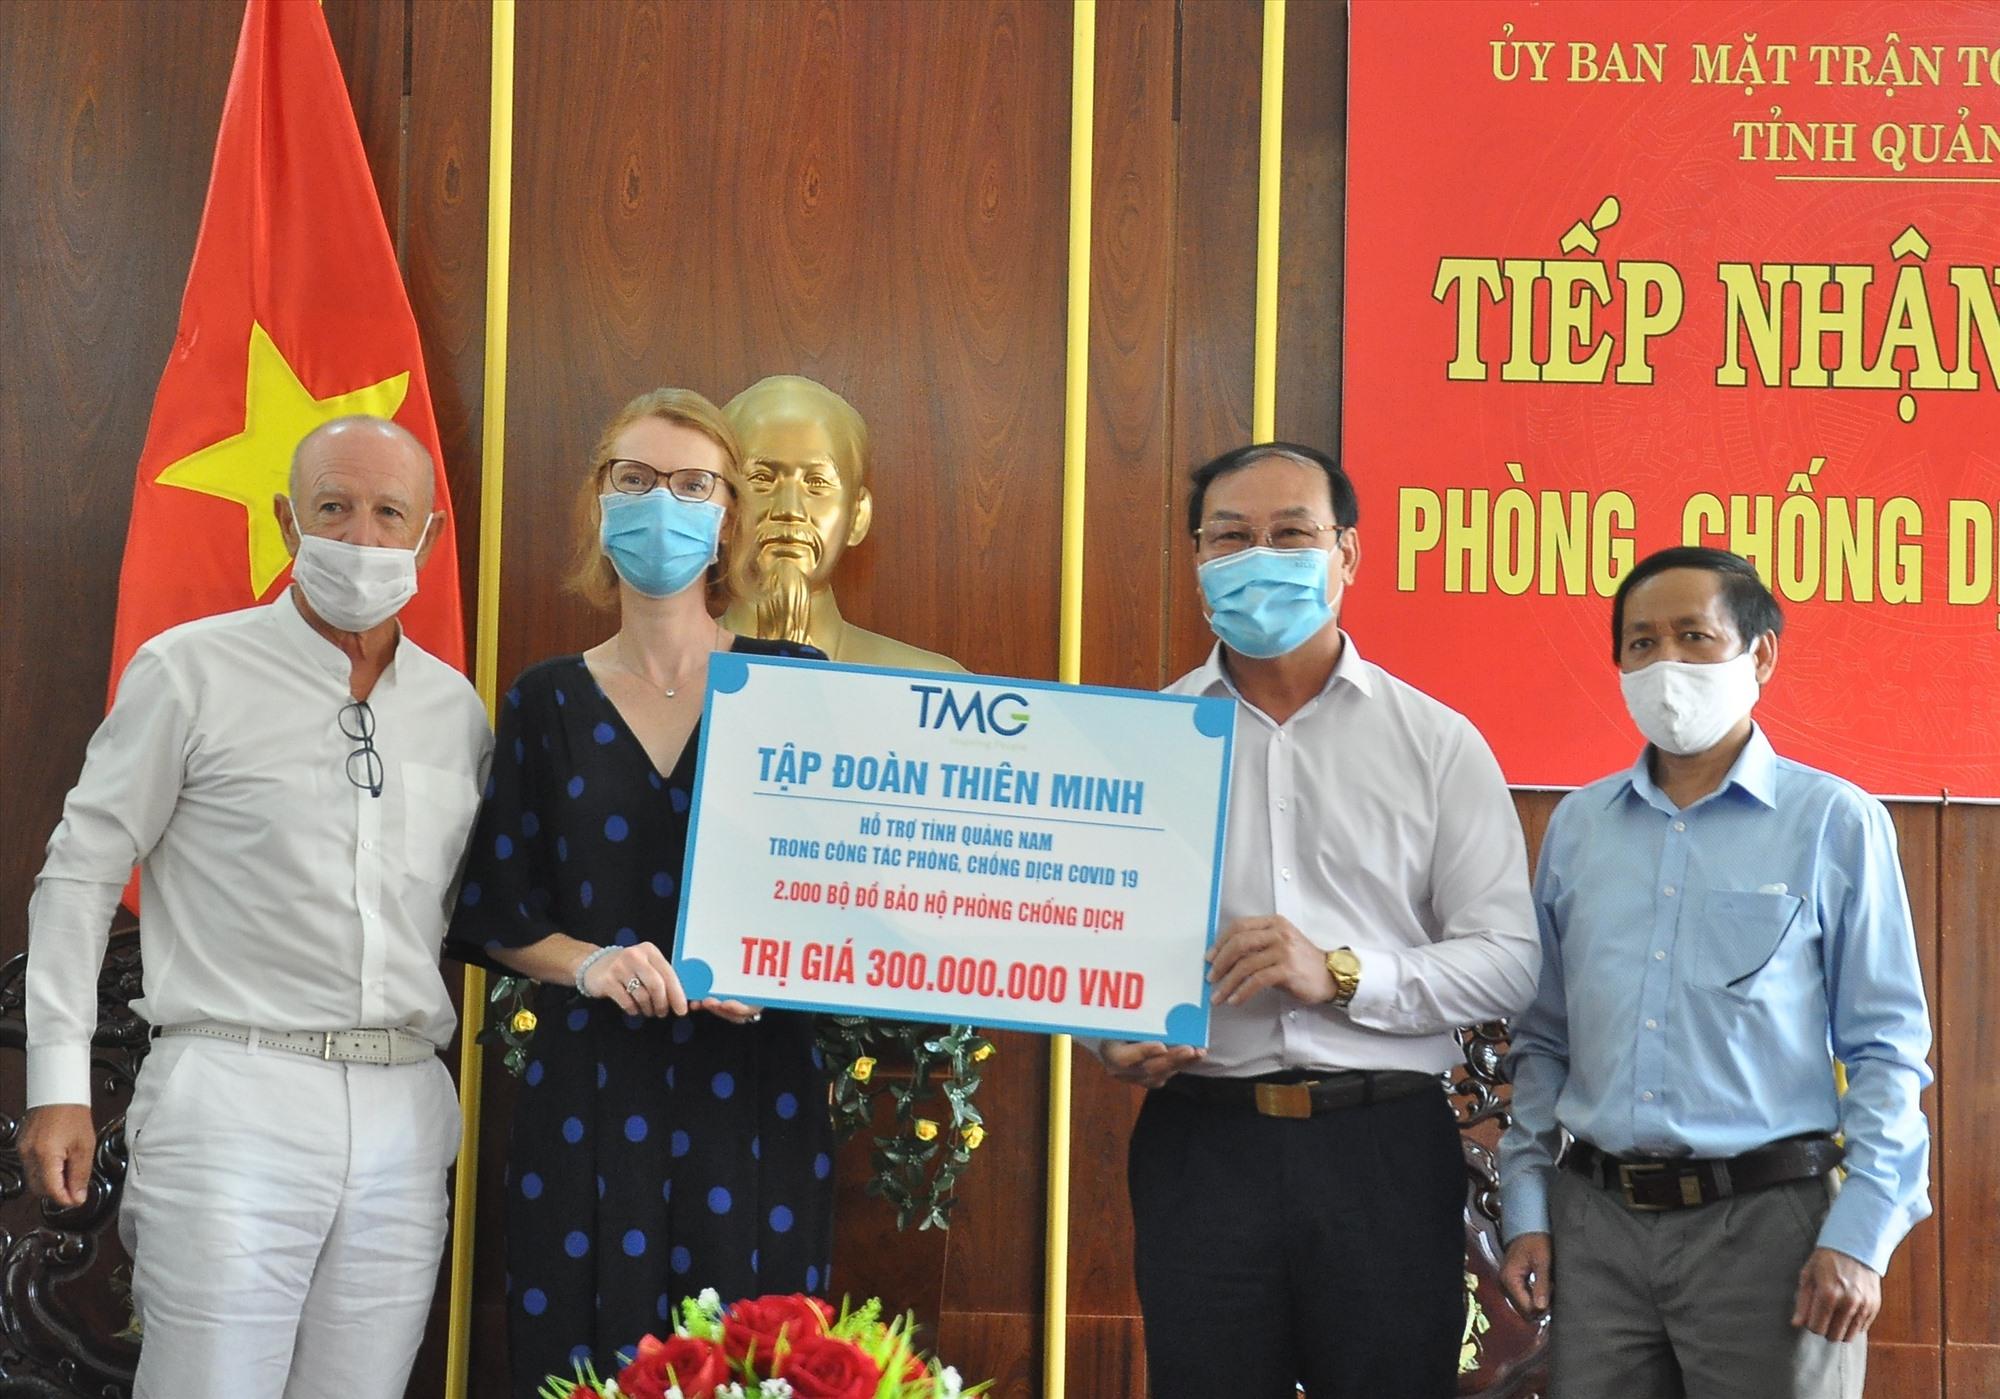 Đơn vị trực thuộc Tập đoàn Thiên Minh ủng hộ 2.000 bộ đồ bảo hộ chống dịch. Ảnh: VINH ANH